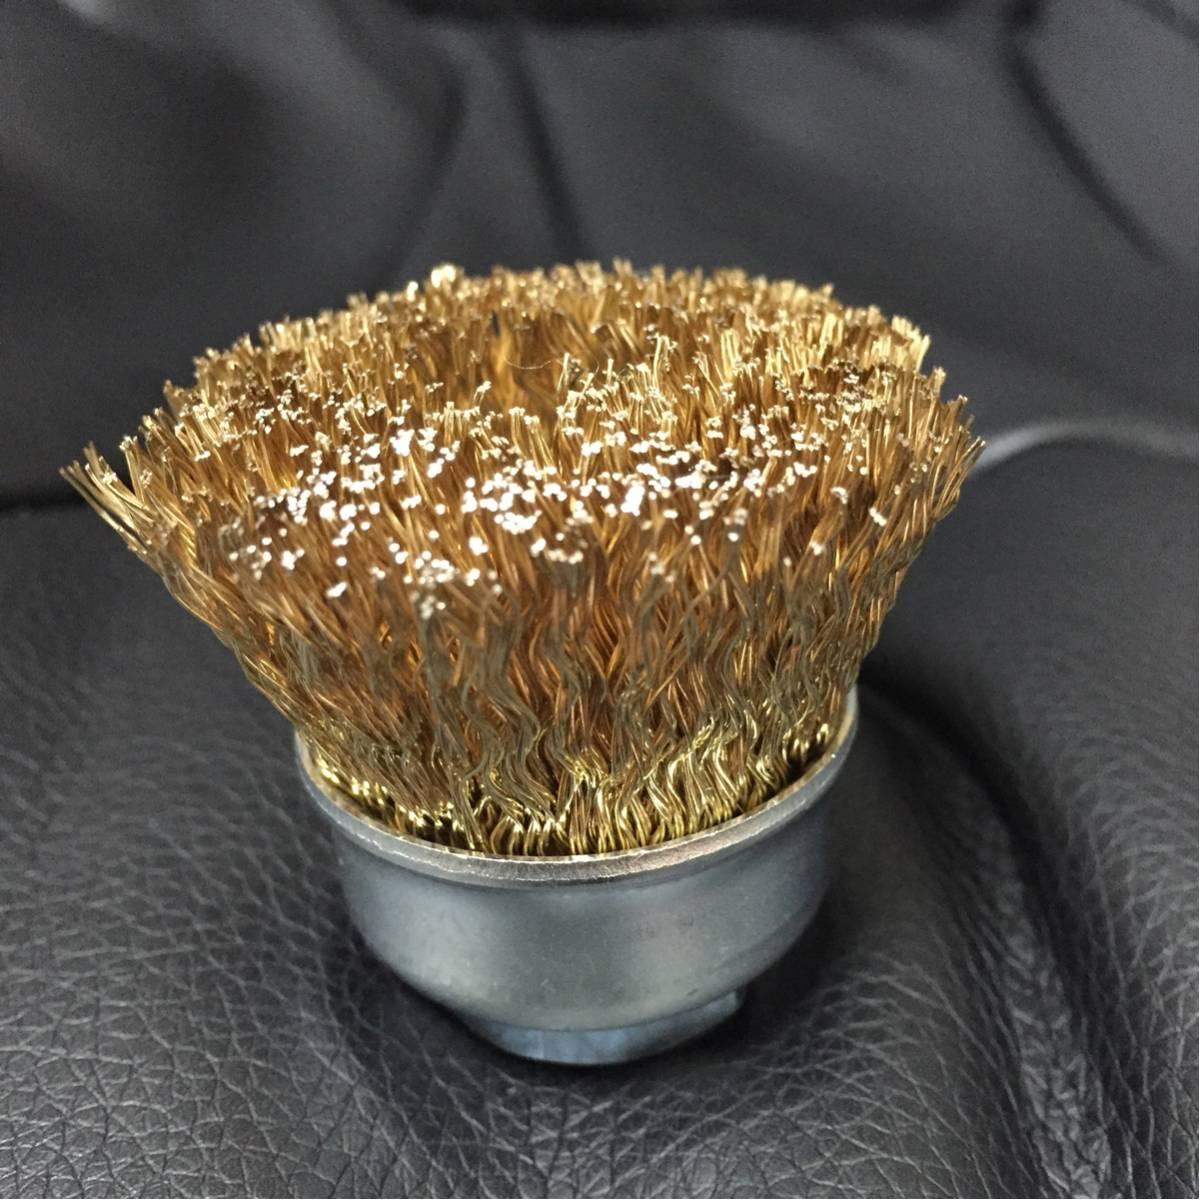 バーベキュー 網、鉄板 にこびり付いた焼きカスを素早く落とす! ワイヤーカップブラシ 10個セット (新品・送料無料)